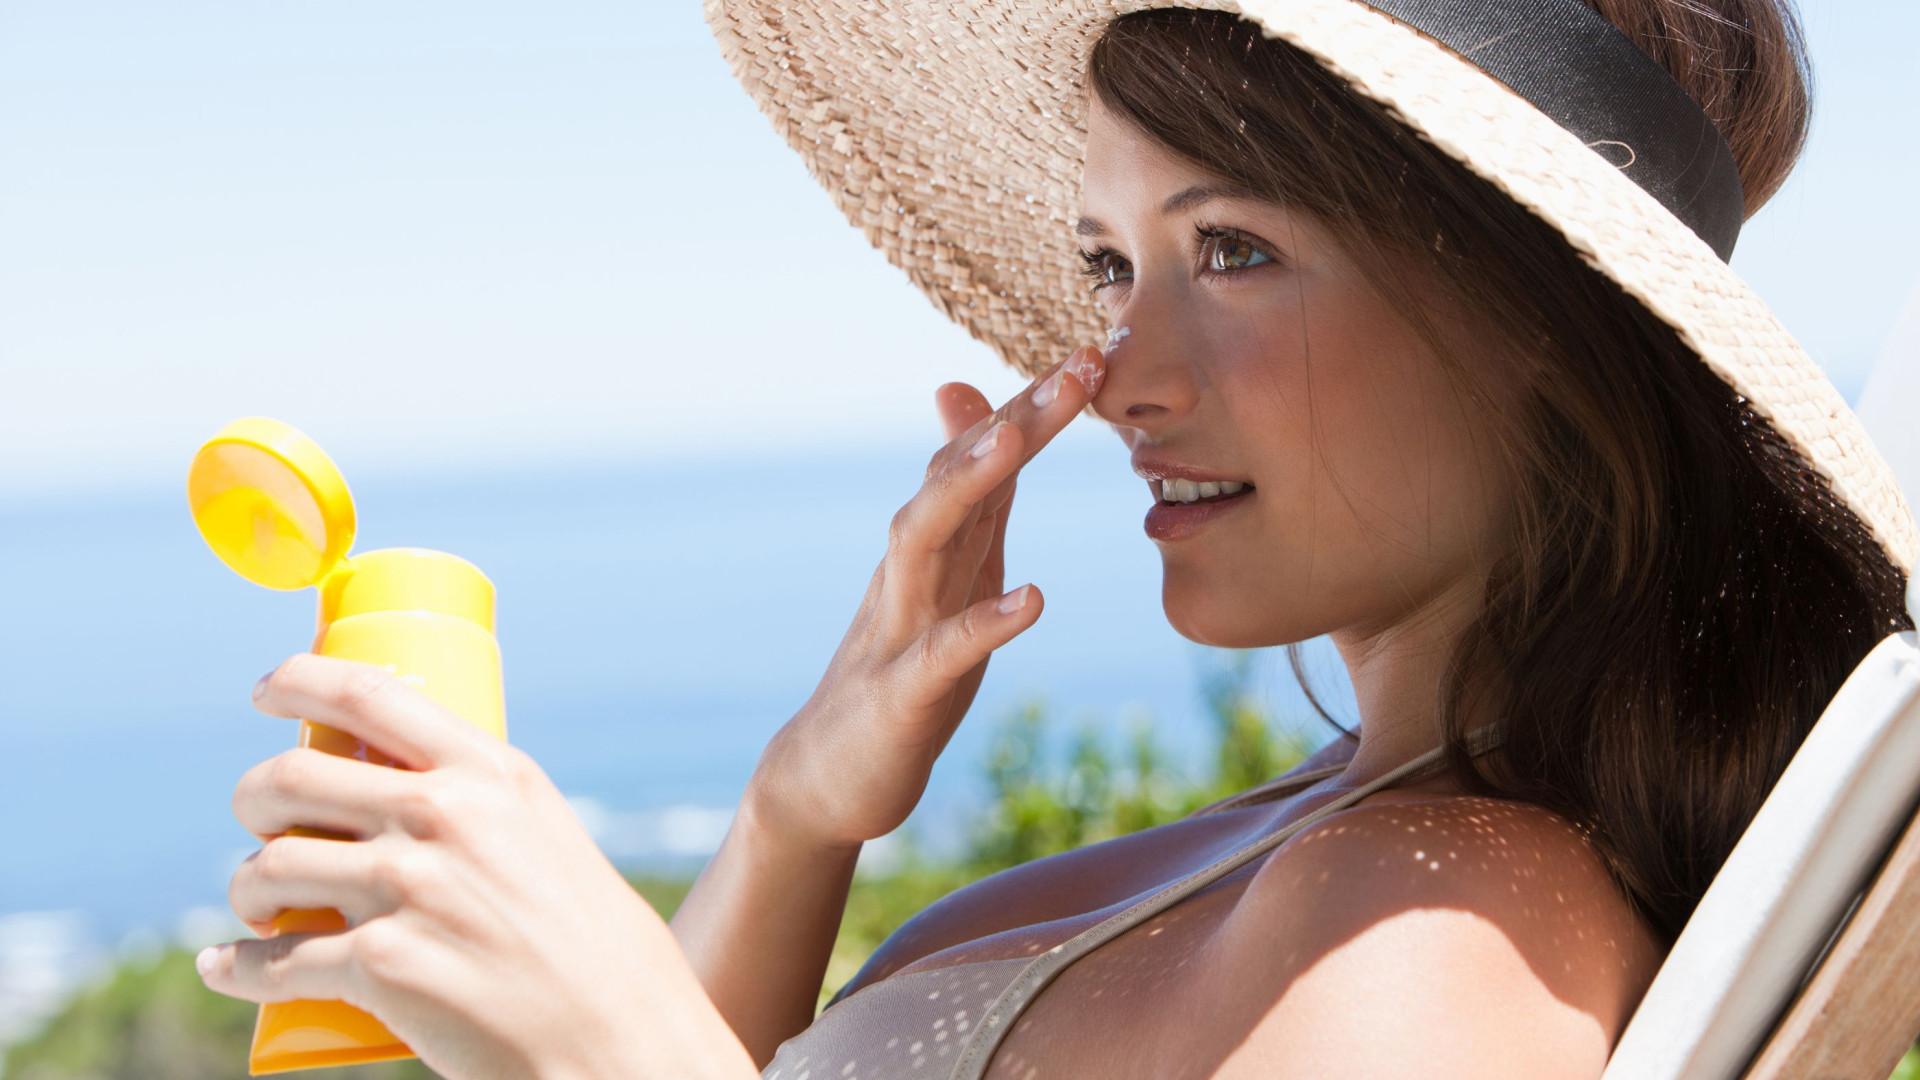 Deve usar menos protetor solar para apanhar mais vitamina D?